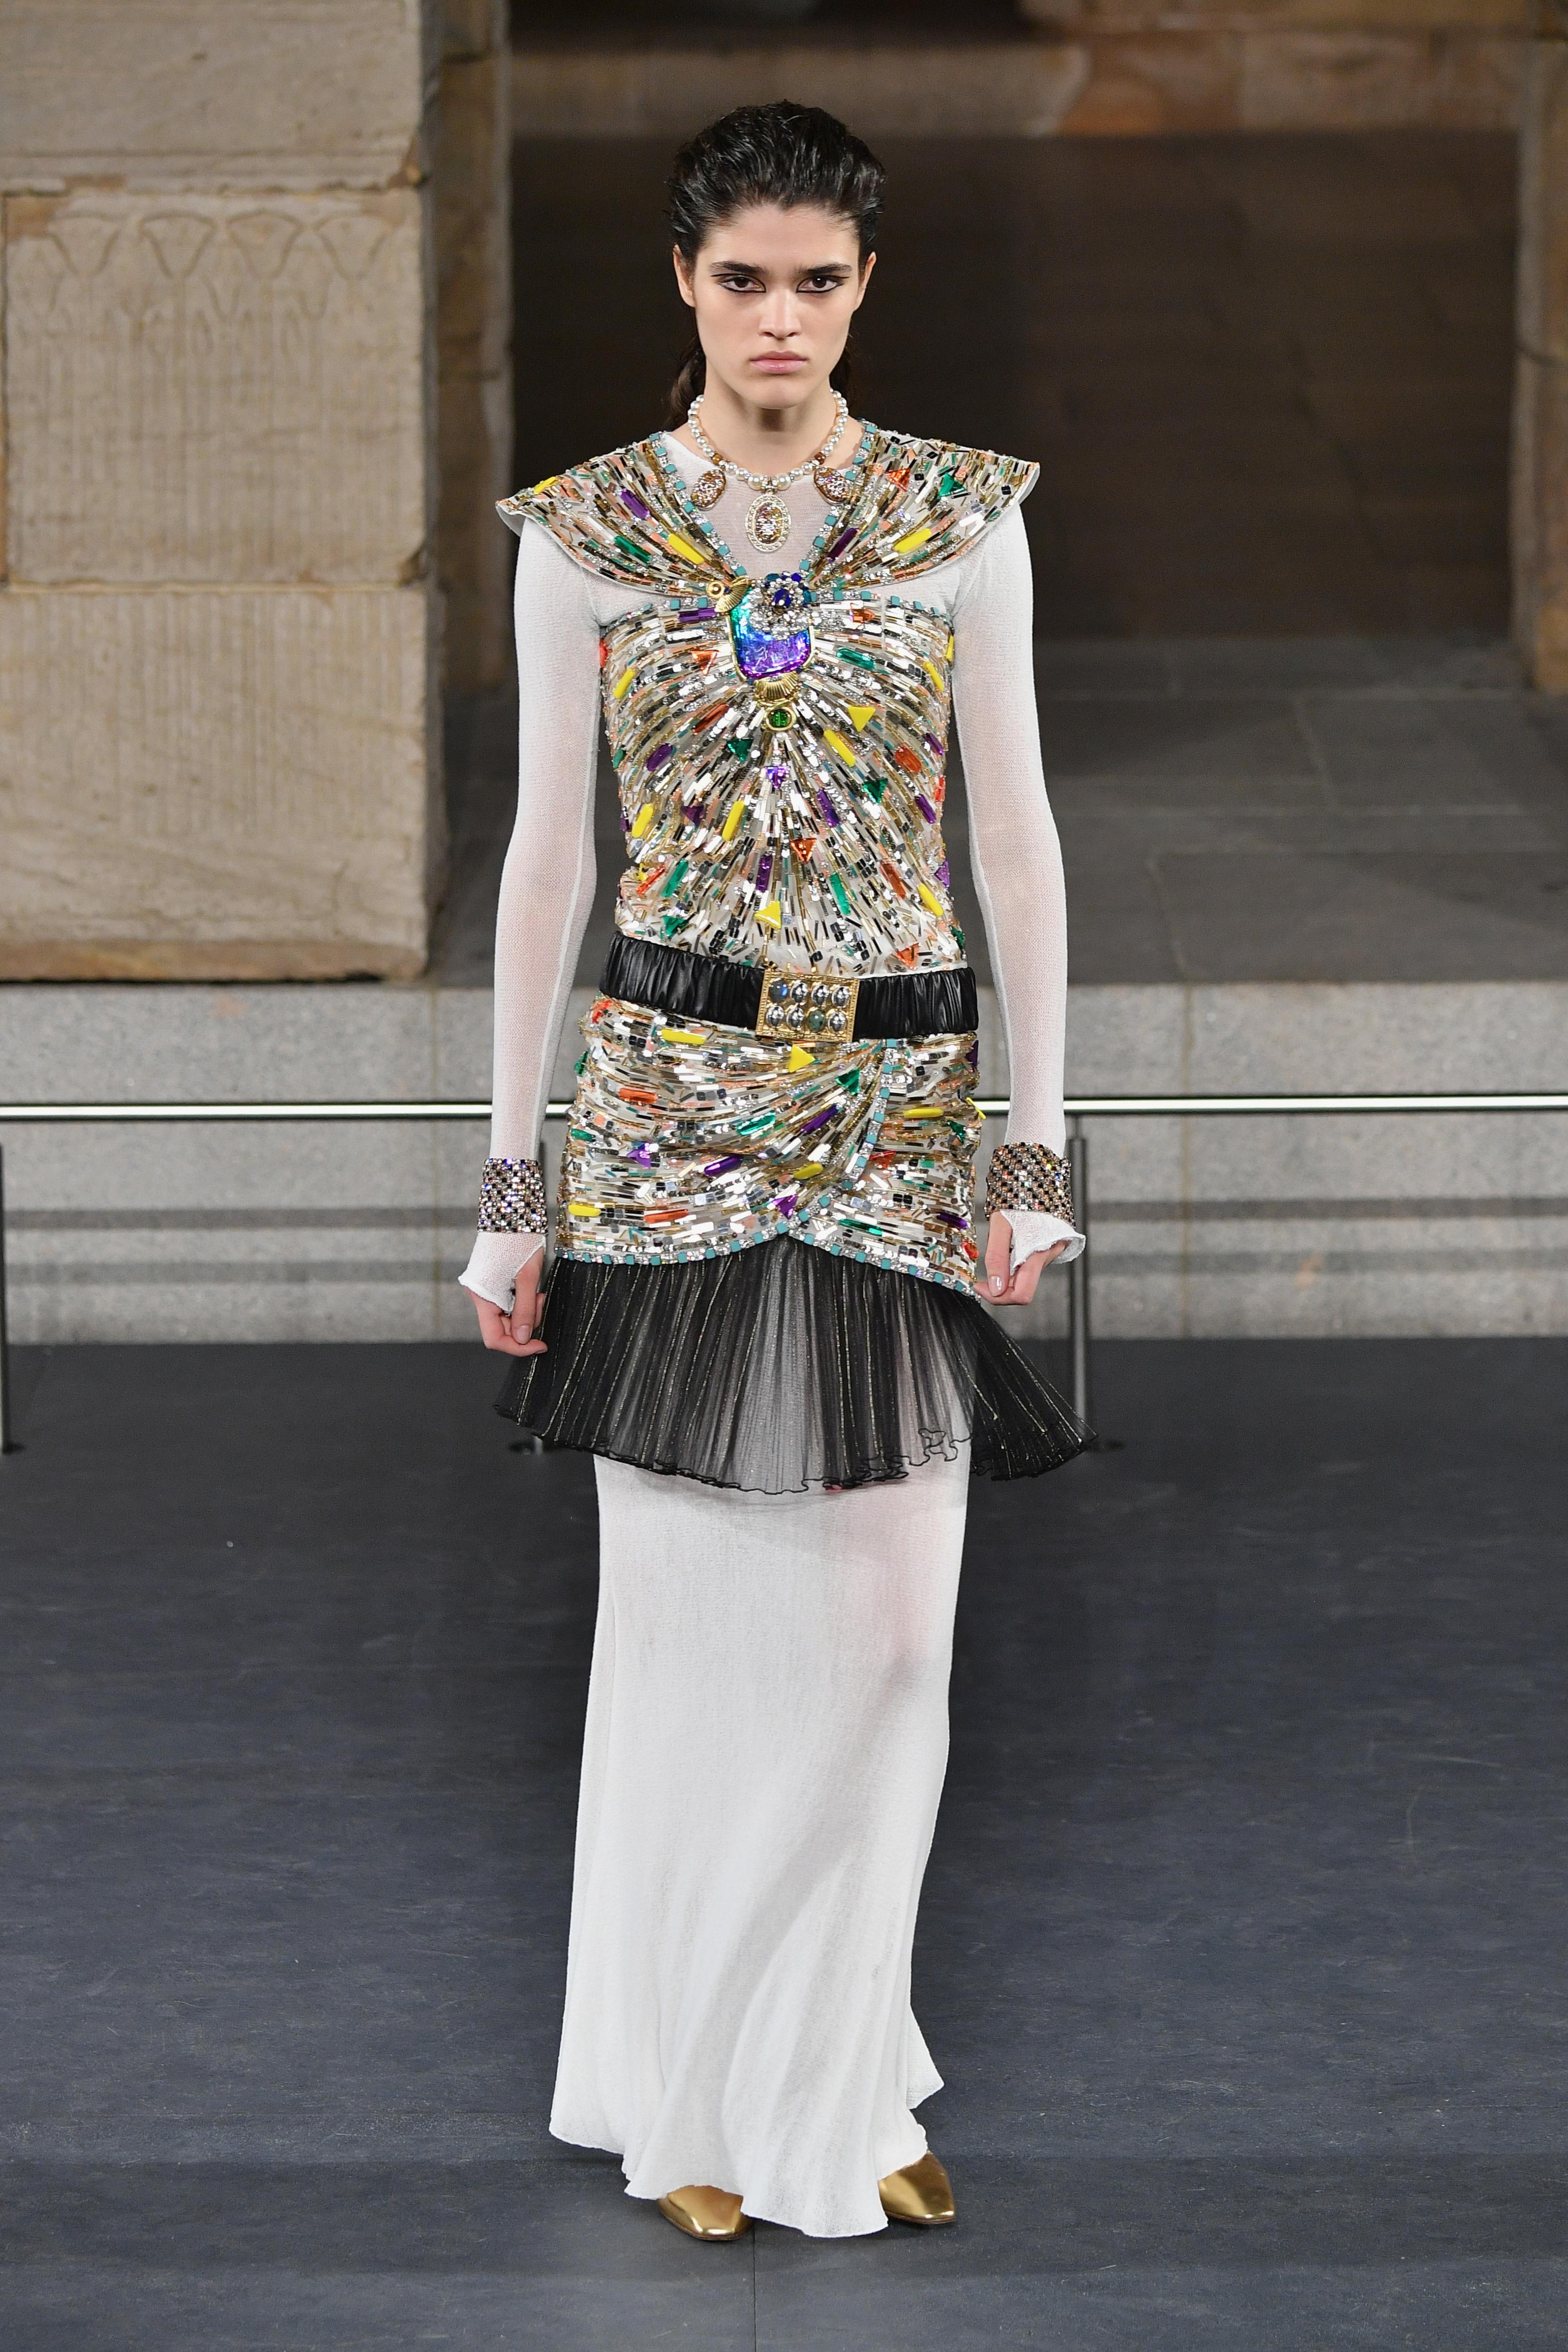 """Малко преди ревюто в Ню Йорк се появиха постери, изобразяващи манекенка с култовия тайор, станал символ на """"Шанел"""", носеща корона и факел, наподобяващи тези на Статуята на свободата. Но главният акцент на артистичния директор на модната къща Карл Лагерфелд все пак падна върху неговата """"холивудска визия"""" за Древния Египет. Тя бе вдъхновена от филма """"Клеопатра"""" на Джоузеф Манкиевич от 1963 година с участието на Елизабет Тейлър."""